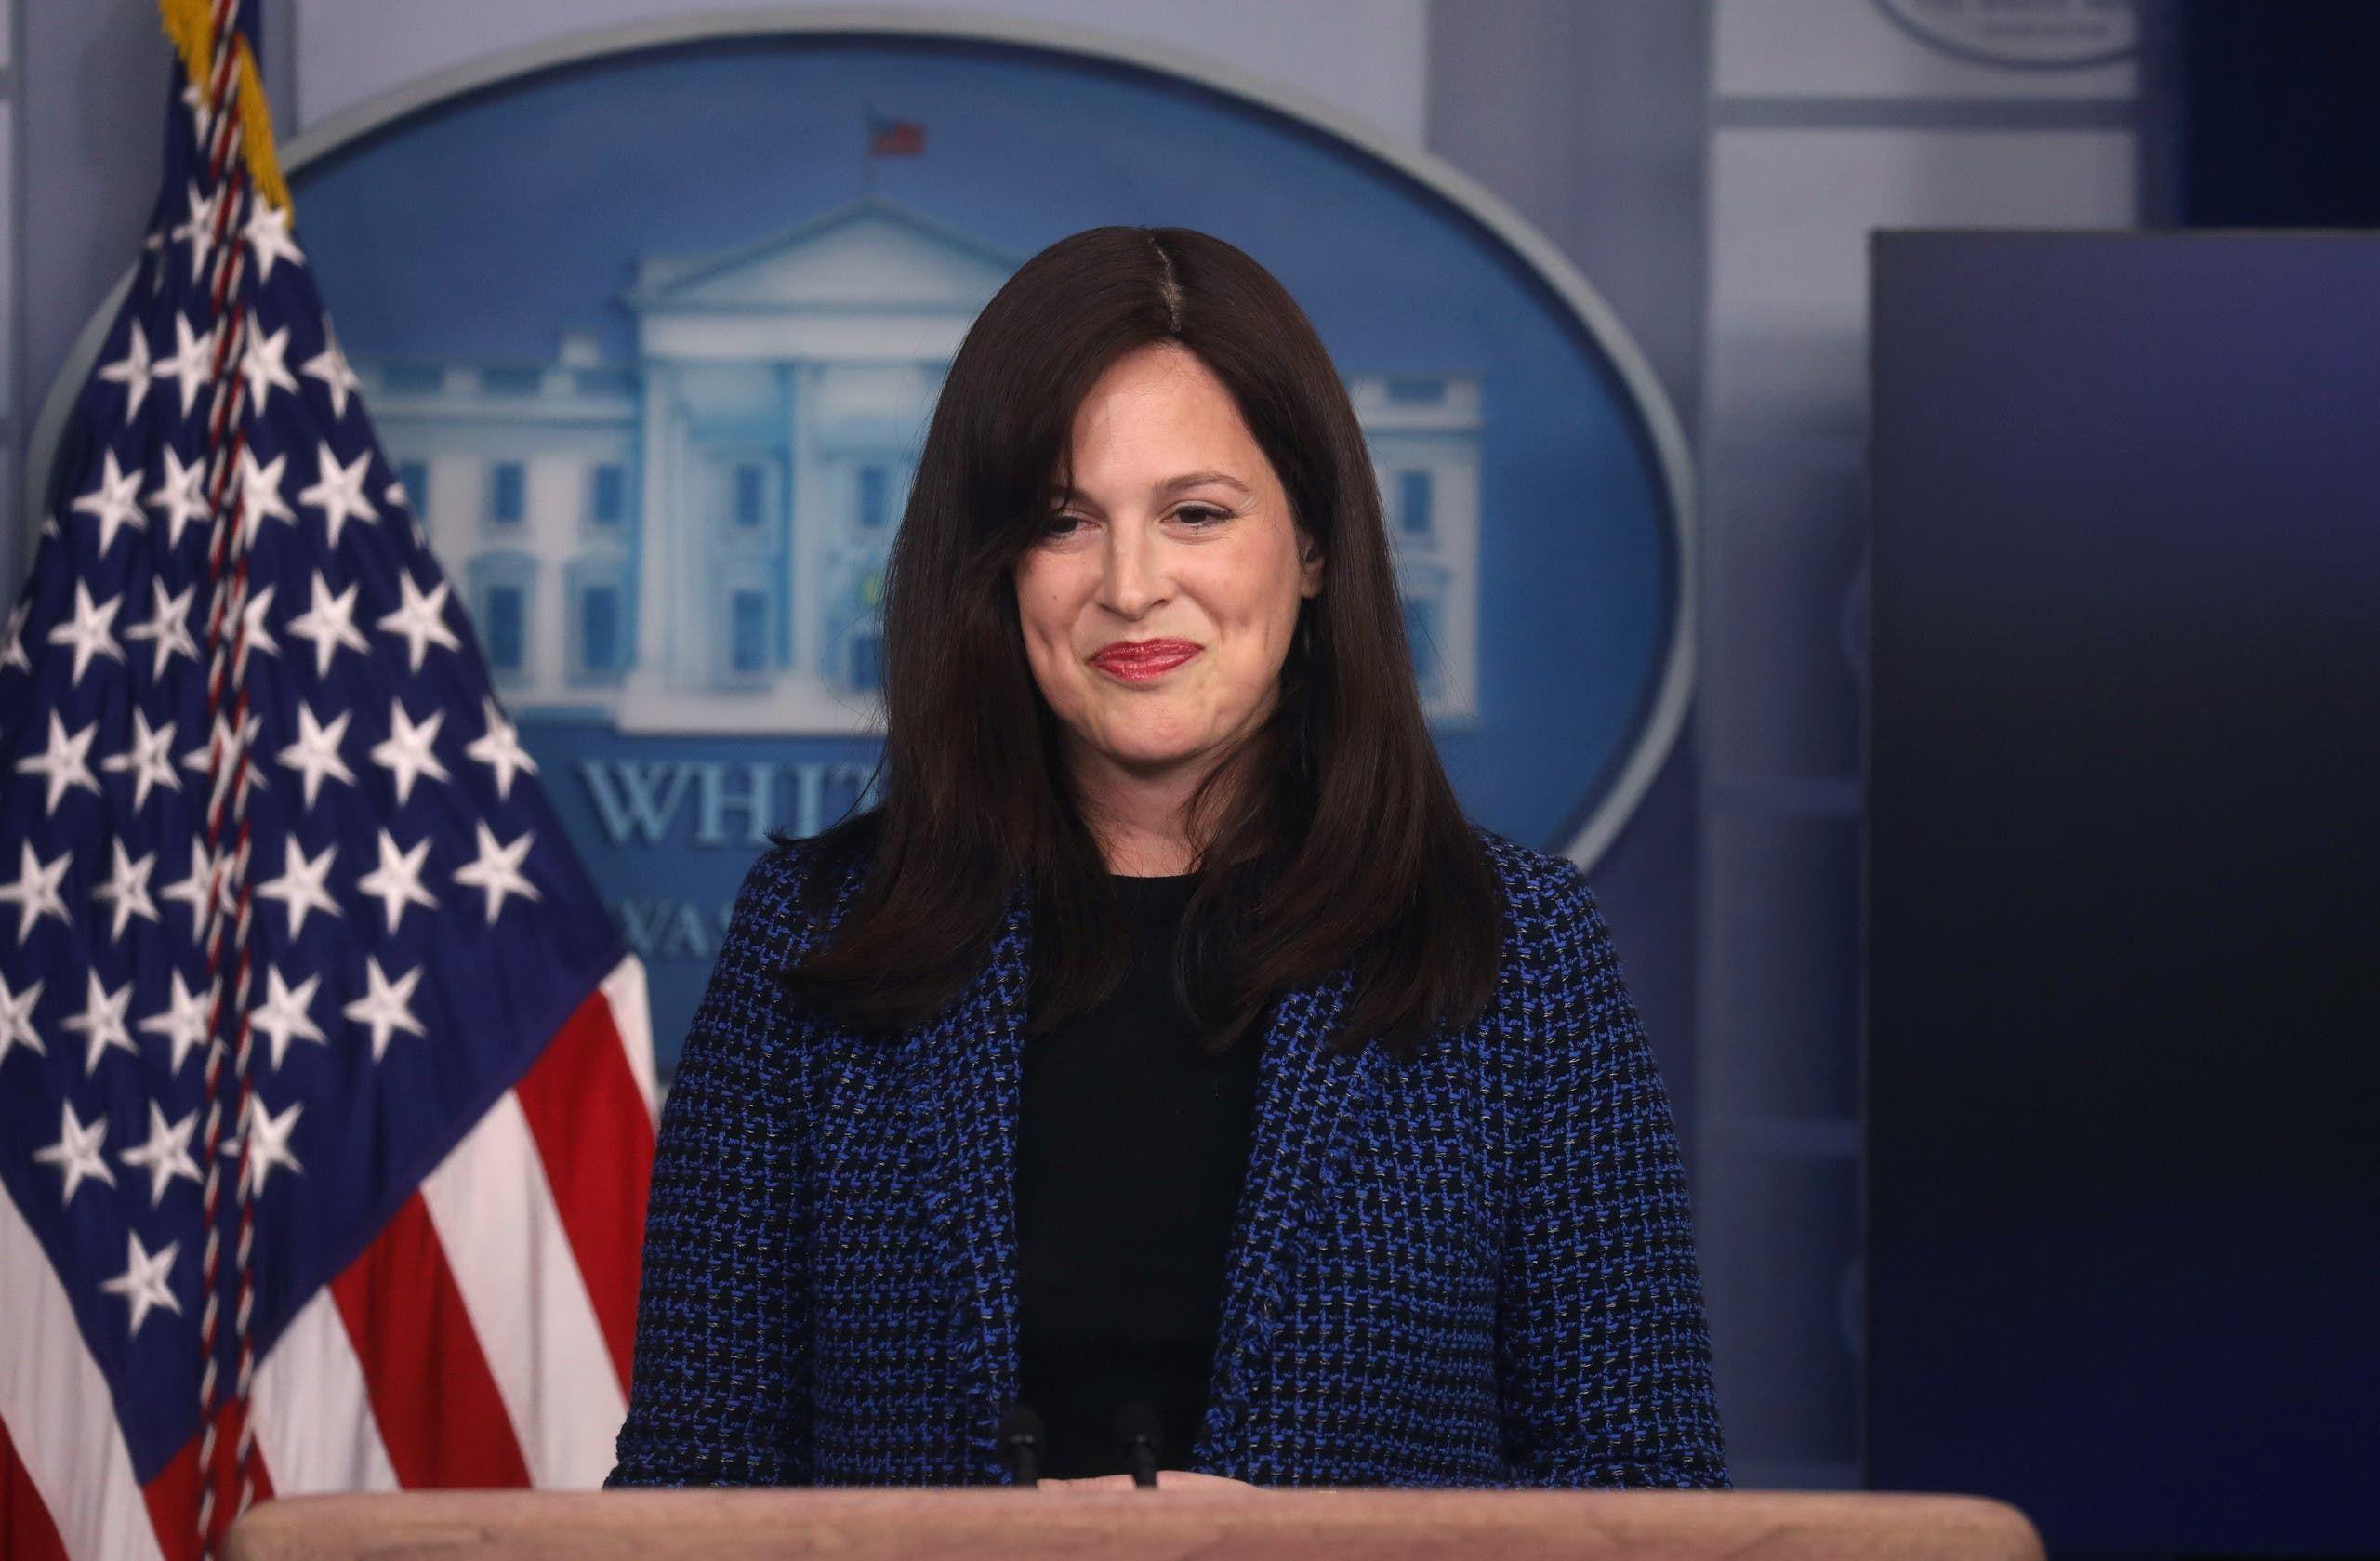 آن نويبرغر، نائبة مستشار الأمن القومي الأميركي للأمن الإلكتروني والتكنولوجيا